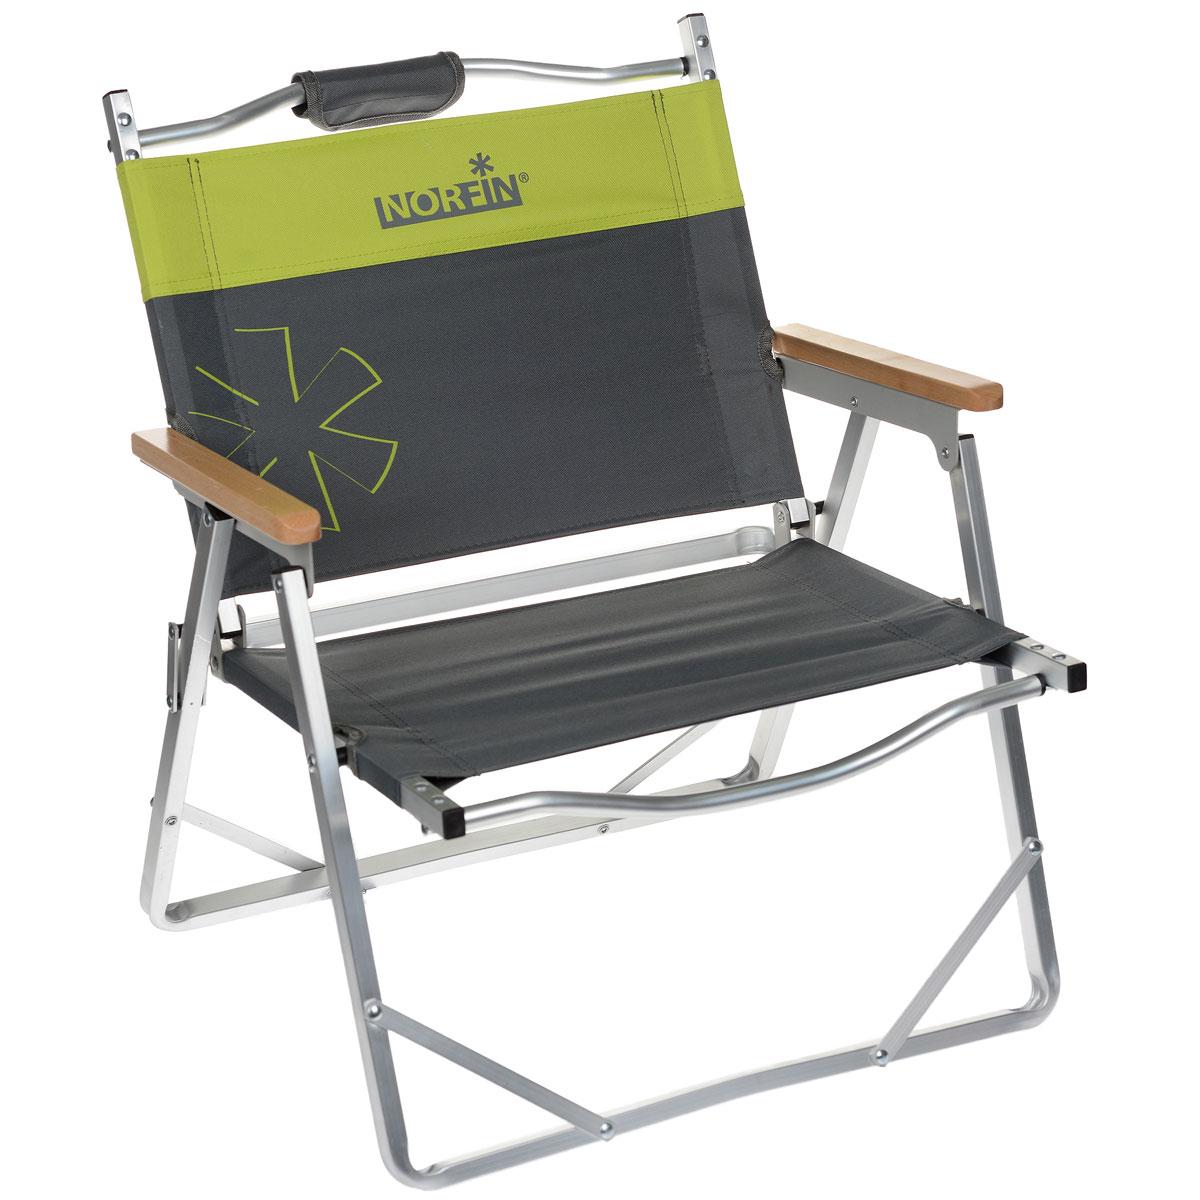 """Невысокое складное кресло Norfin """"Alesund NF Alu"""" -  это незаменимый предмет походной мебели. Прочный и легкий каркас выполнен из алюминия. Оснащено деревянными подлокотниками. Легкое, очень удобно для переноски, так как в складном виде имеет ручки."""